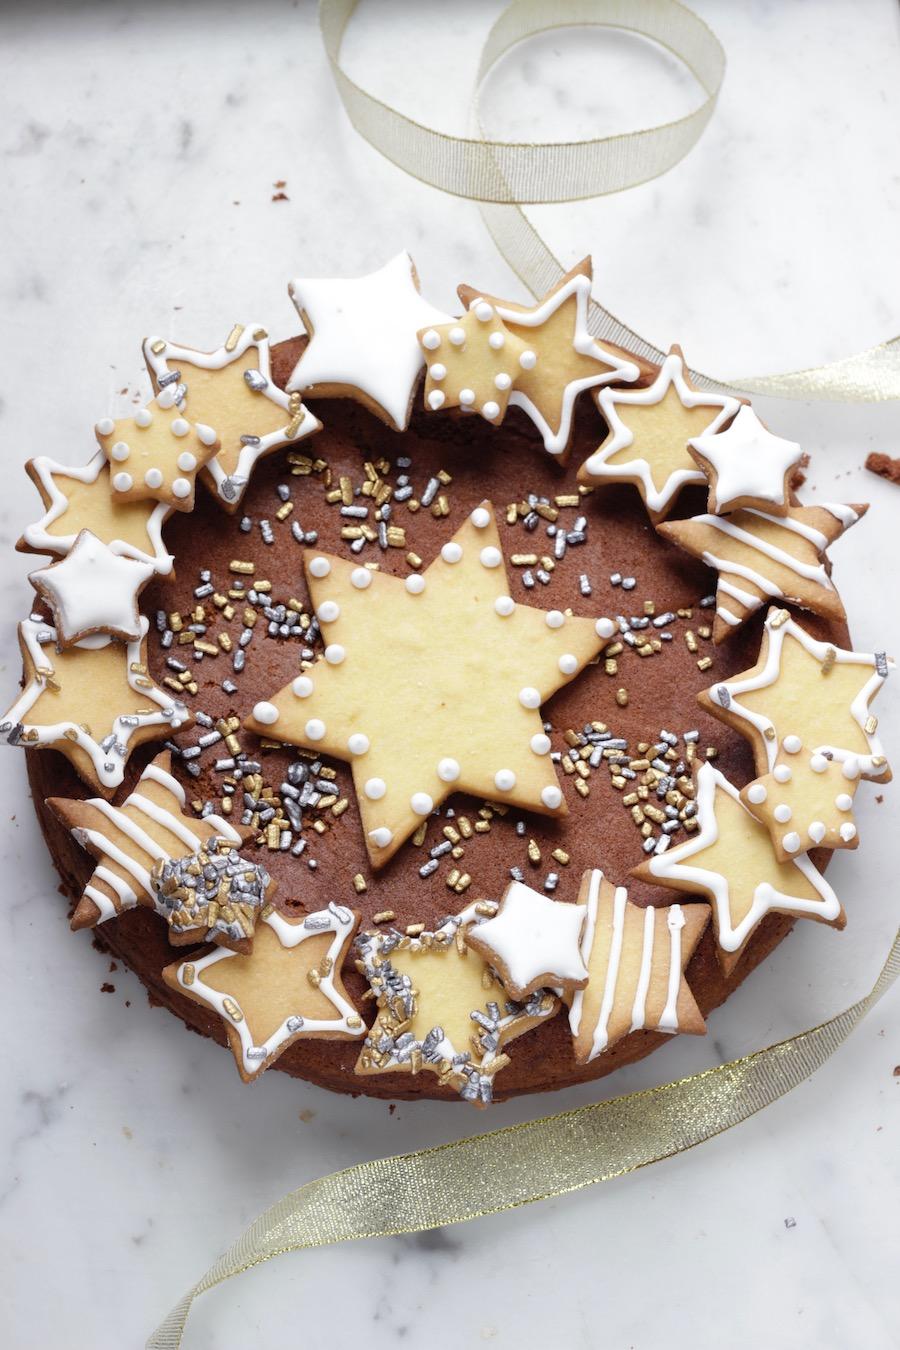 Oggi A La Prova Del Cuoco Torta Al Cioccolato De La Bruna